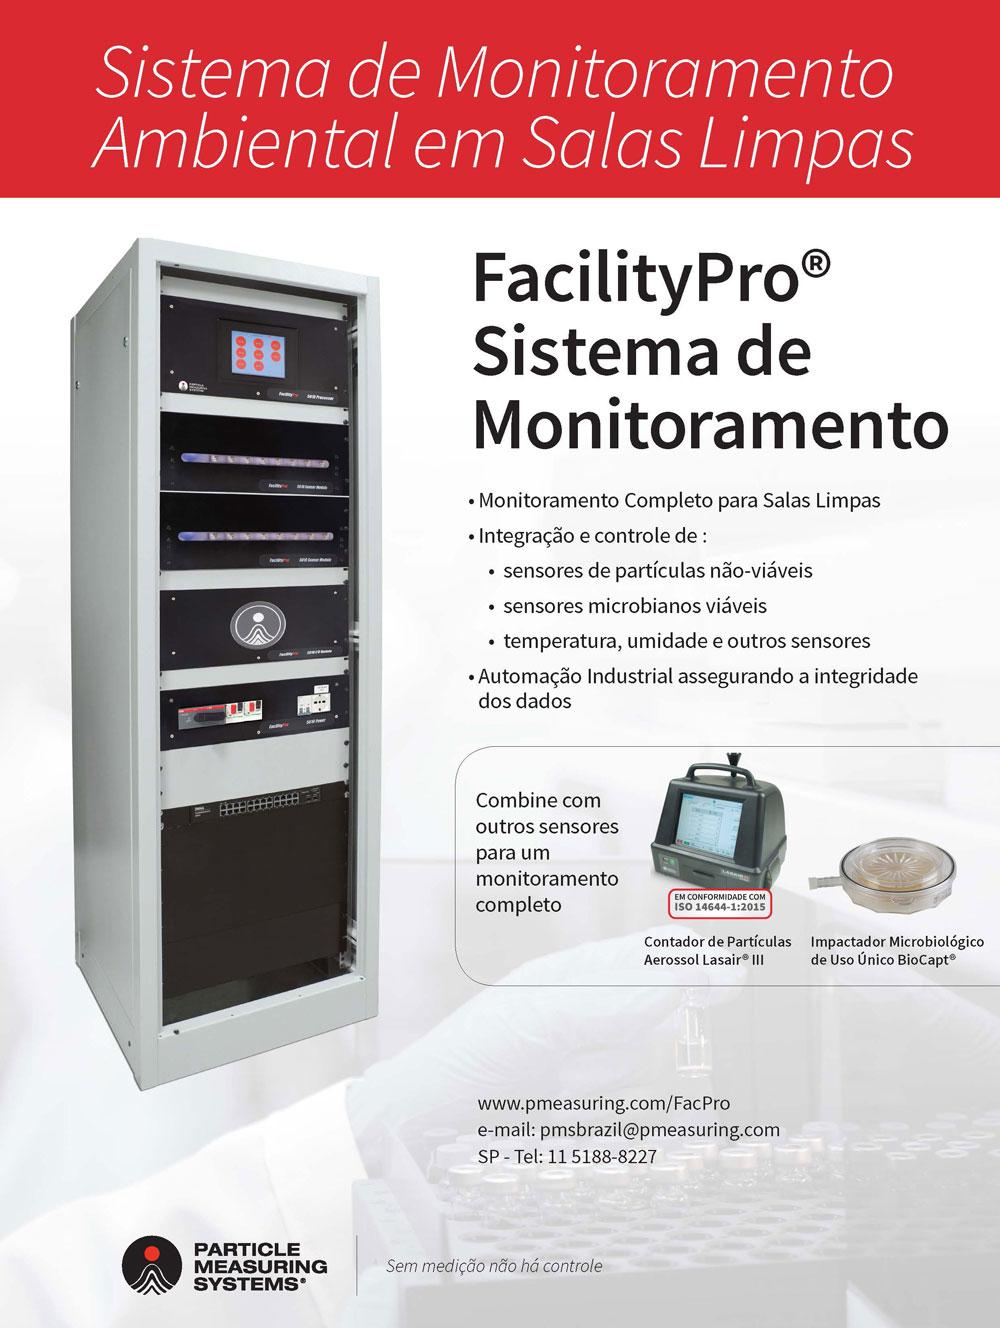 Facility Pro